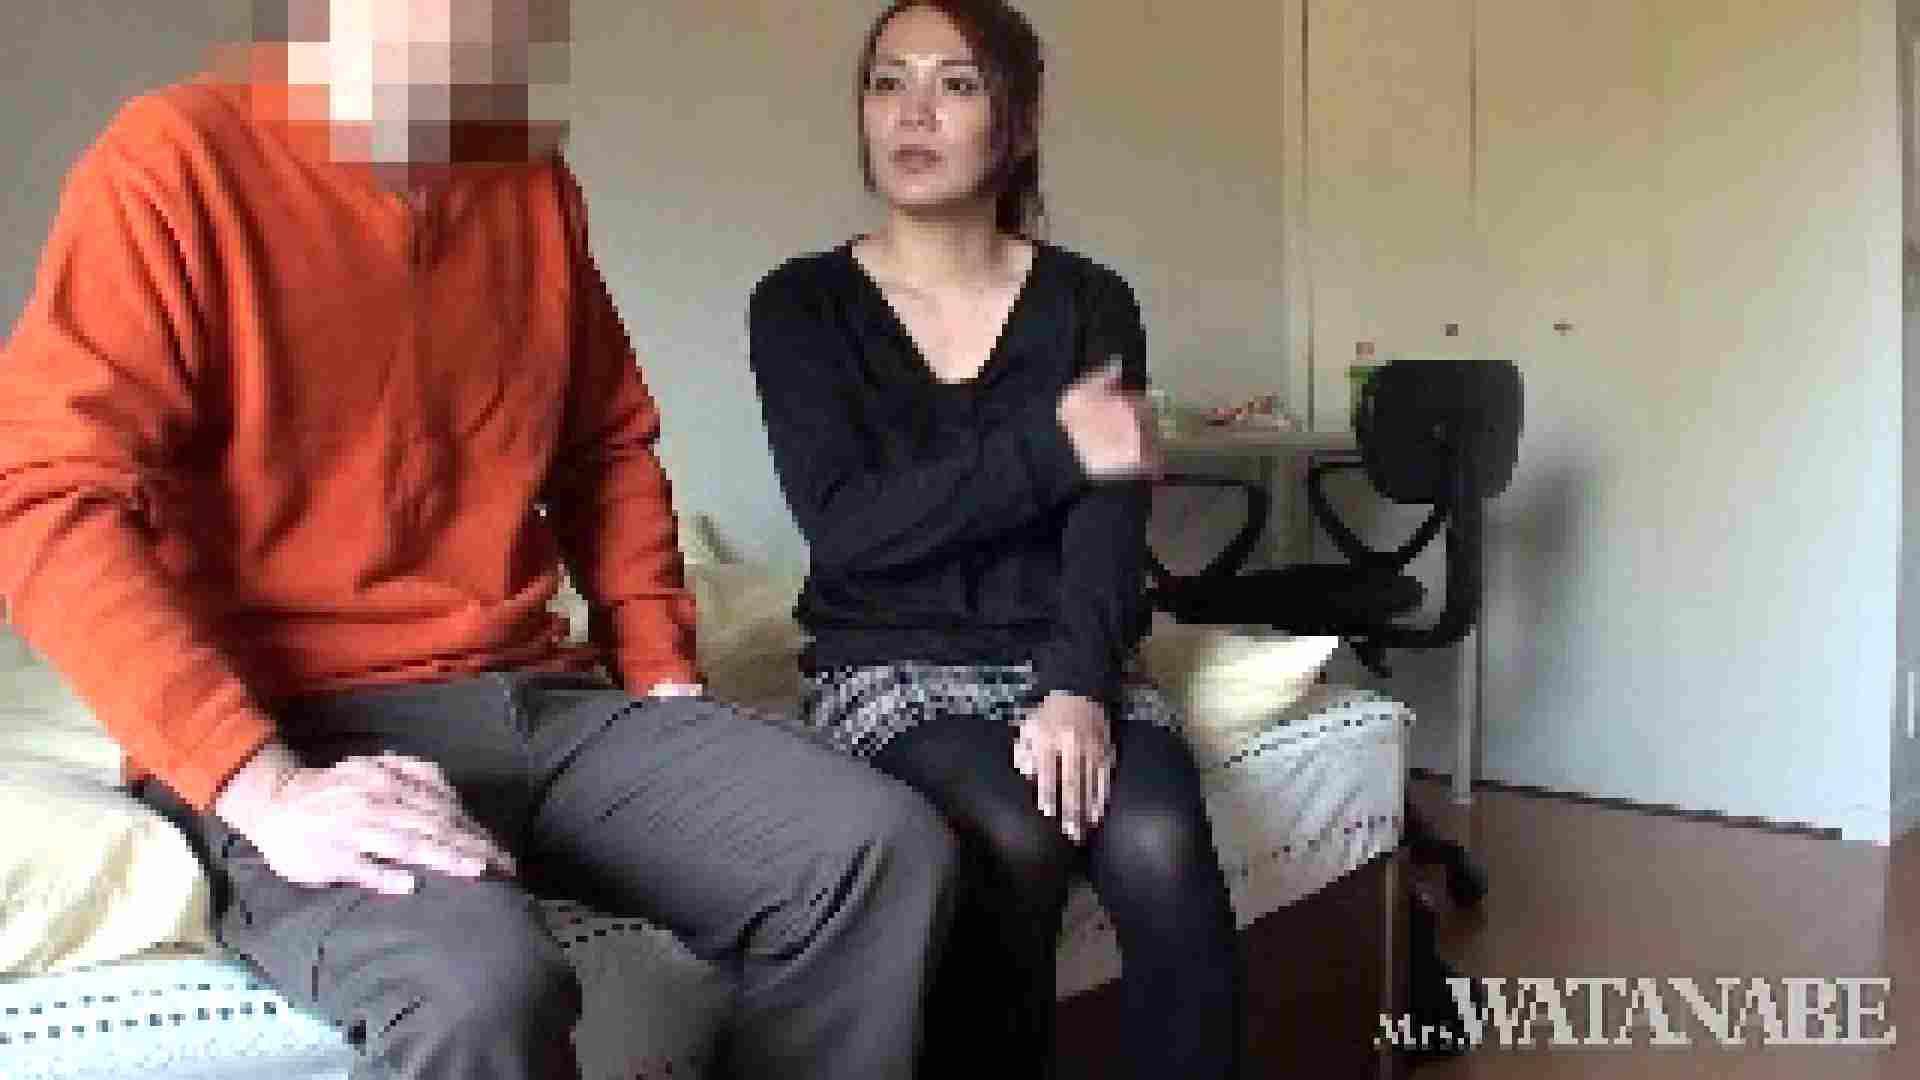 SNSで出会った人妻をハメ撮りしちゃいます 2回目 前編 人妻達のヌード | オナニー特集  65連発 16